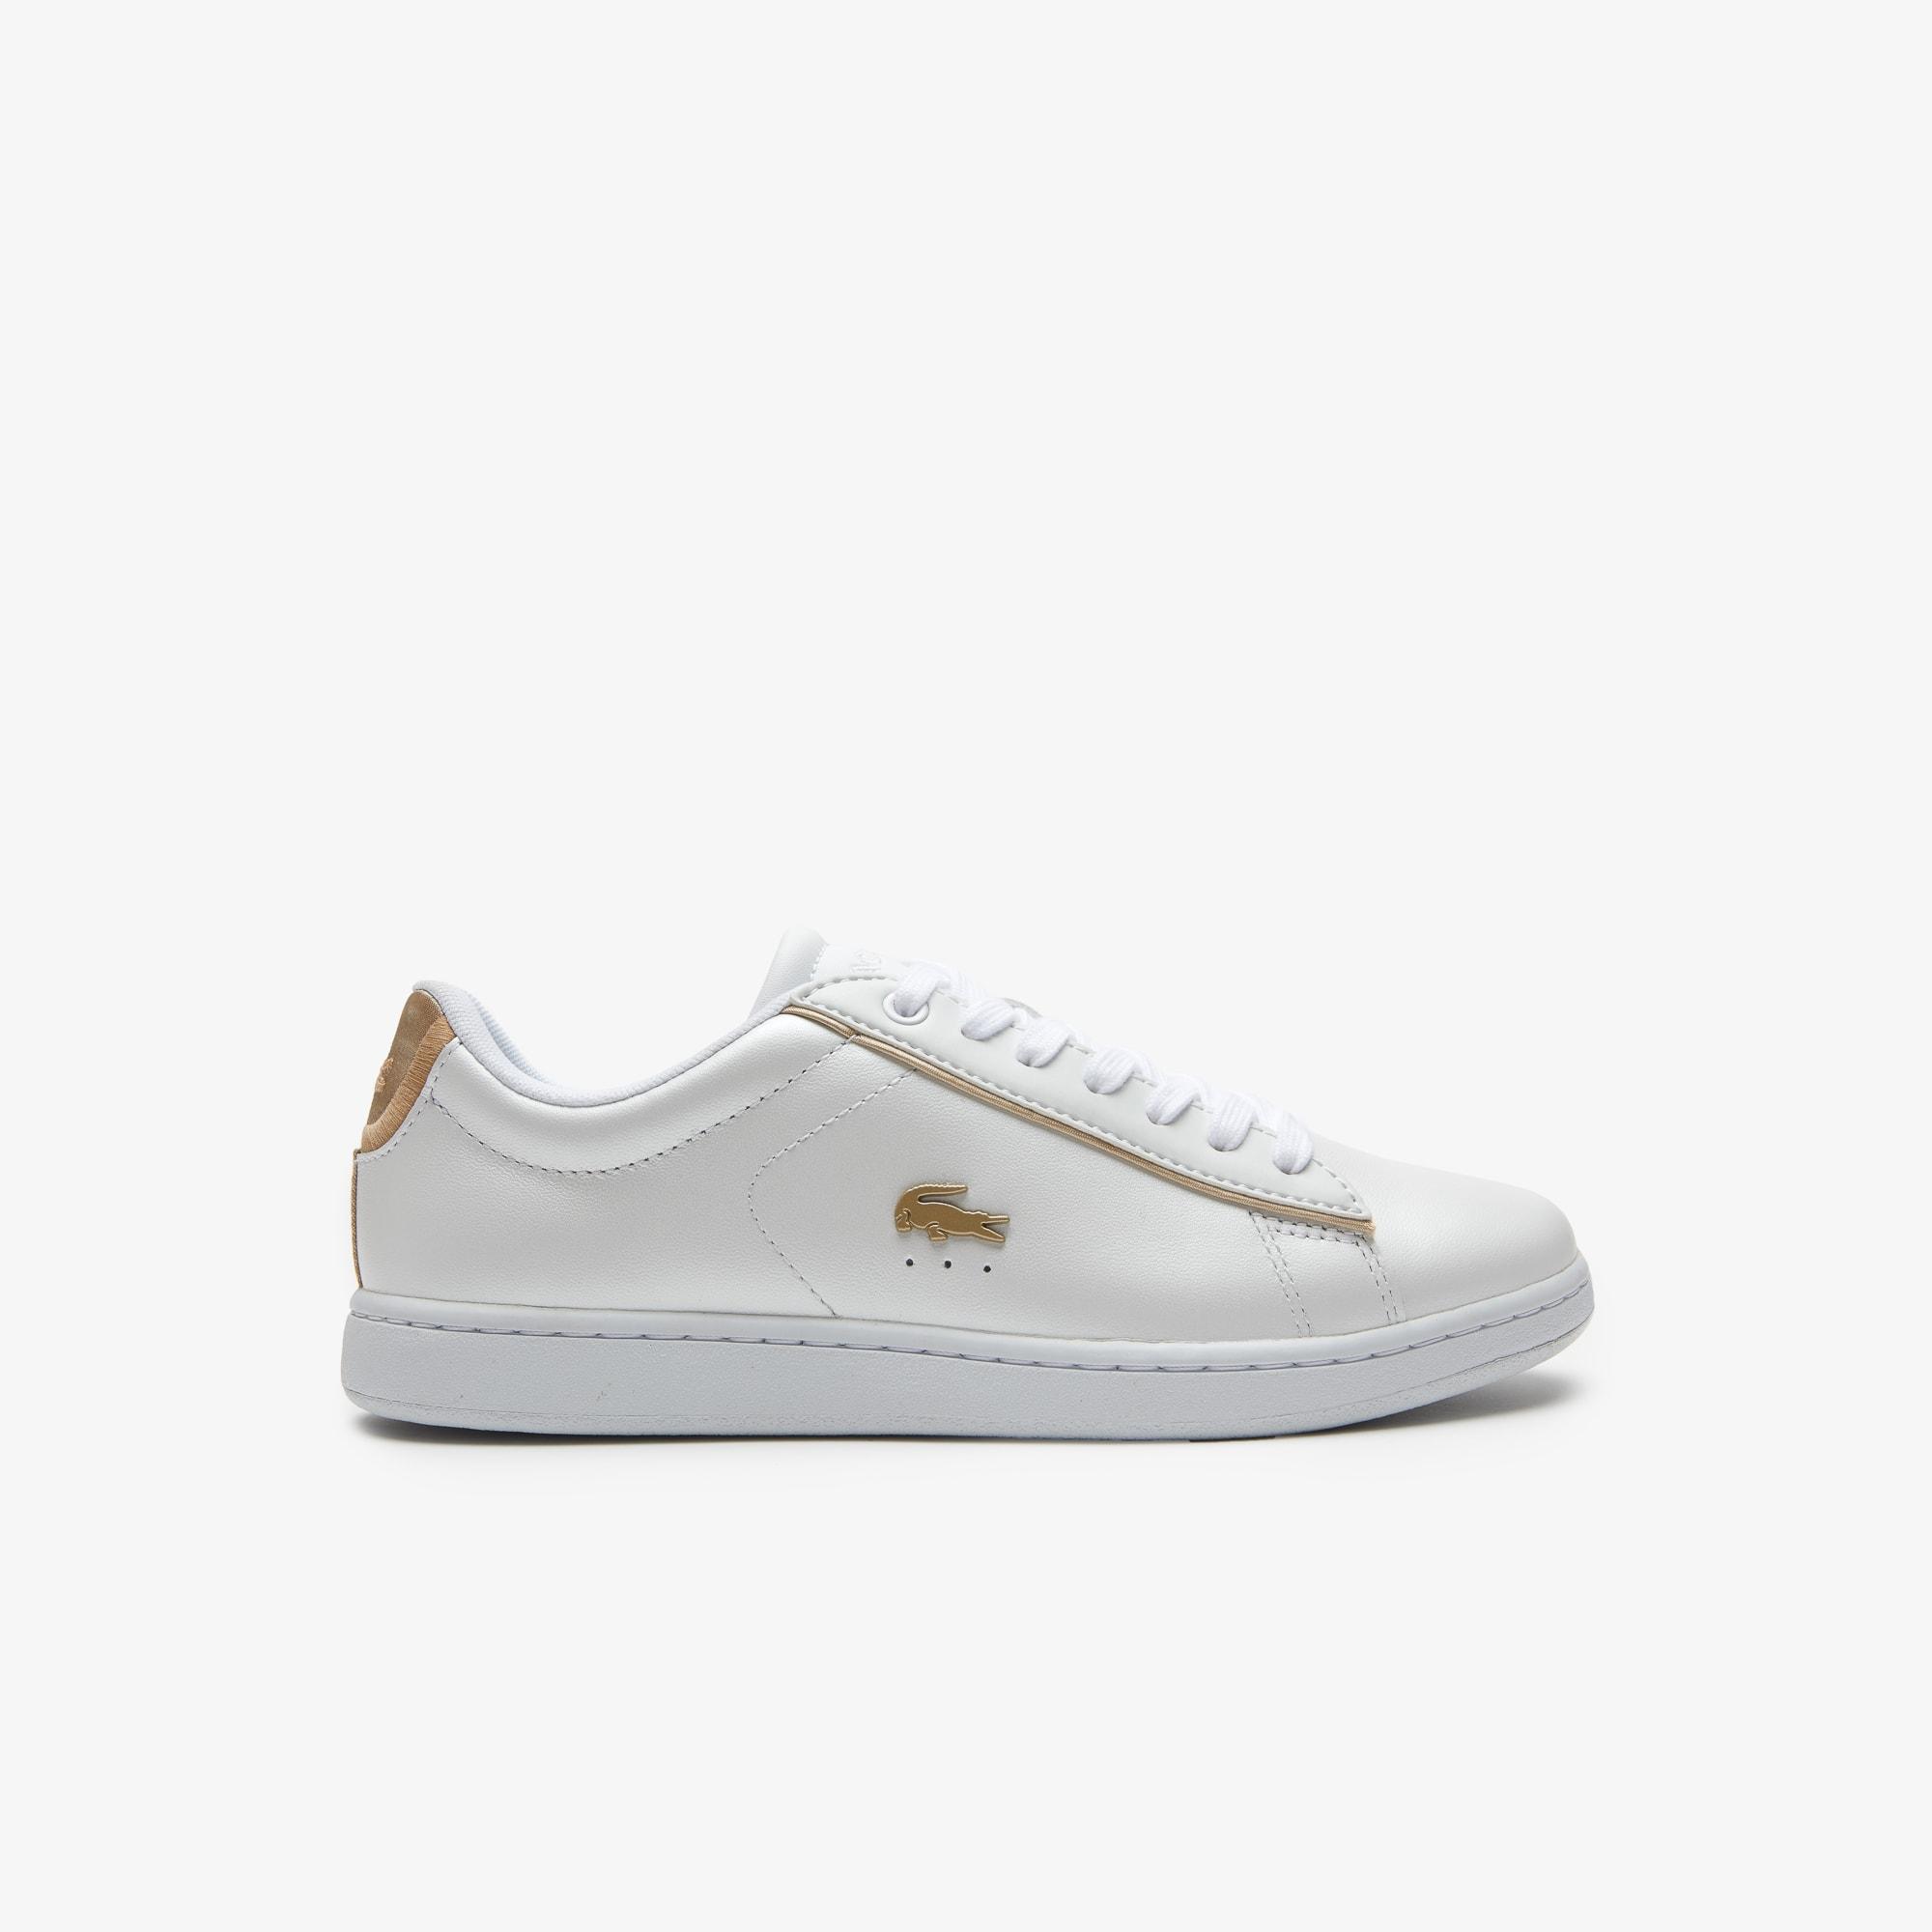 Città Lacoste Stivali Scarpe Donna Sneaker Da pqFnX